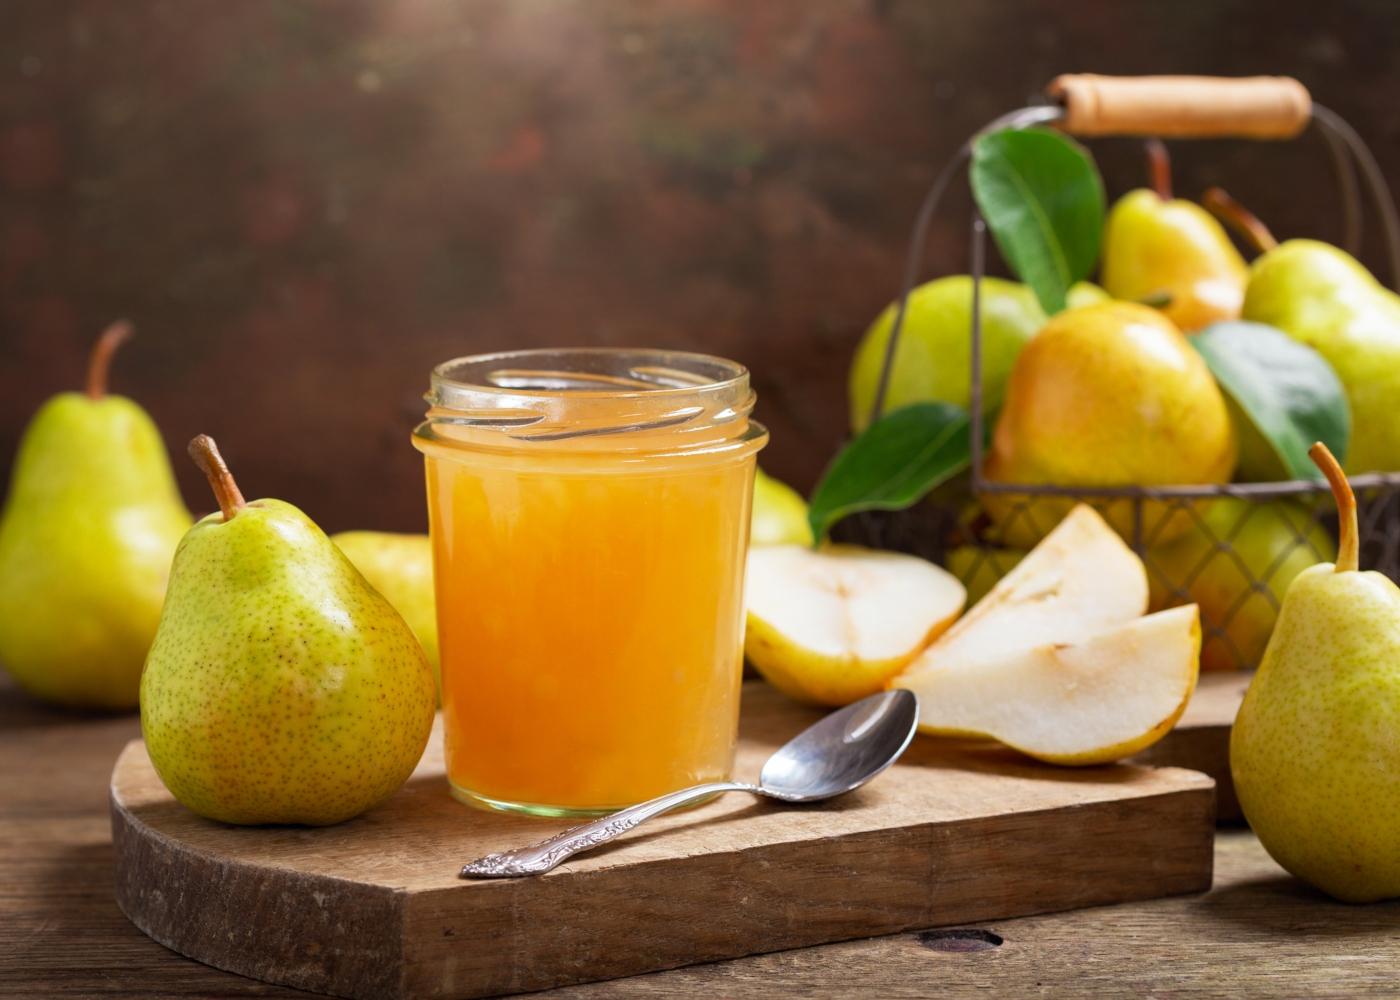 Compota de melão e pera num frasco de vidro